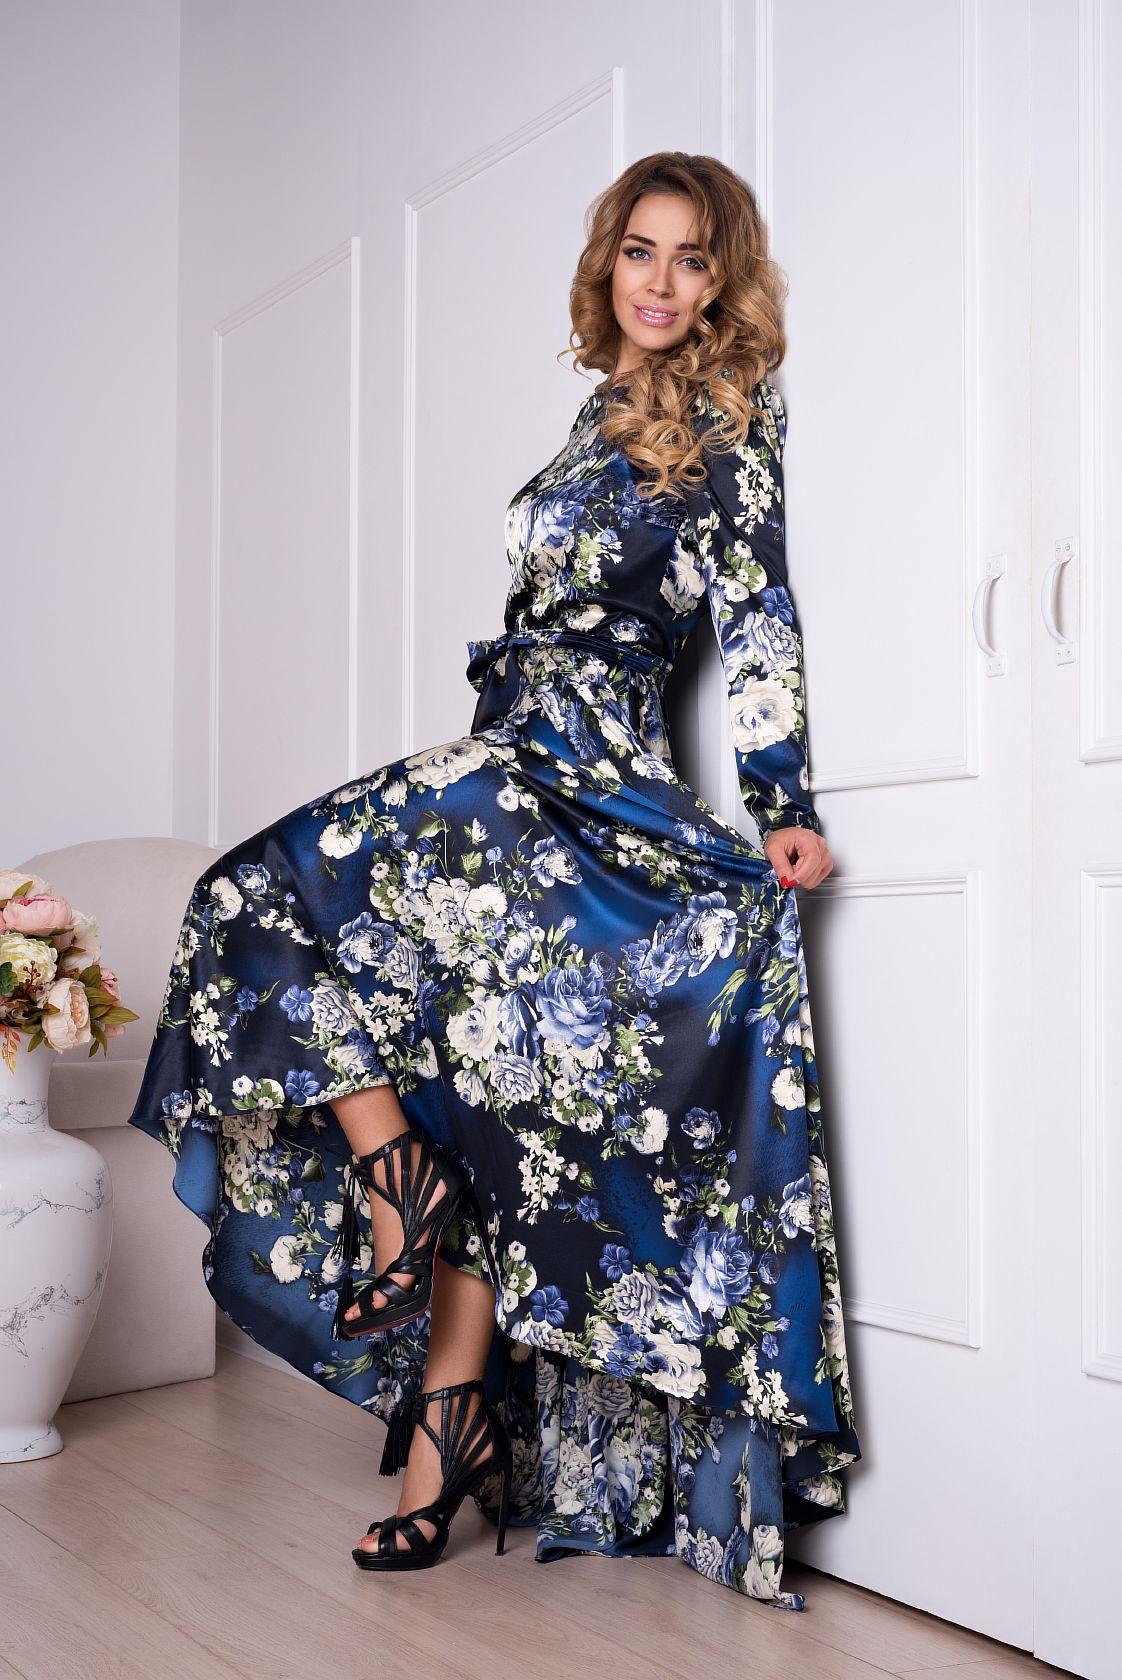 ПлатьеПлатья<br>Платье в пол с пышной юбкой солнце. Модель выполнена из гладкого атласа с цветочным принтом. Отличный выбор для любого торжества. Платье без пояса.  Длина от талии 110 см.  В изделии использованы цвета: синий, белый, зеленый и др.  Ростовка изделия 170 см.<br><br>Горловина: С- горловина<br>По длине: Макси<br>По материалу: Атлас,Вискоза<br>По рисунку: Растительные мотивы,С принтом,Цветные,Цветочные<br>По сезону: Весна,Зима,Лето,Осень,Всесезон<br>По силуэту: Приталенные<br>По стилю: Нарядный стиль,Вечерний стиль<br>По форме: Платье - трапеция<br>По элементам: С открытой спиной<br>Рукав: Длинный рукав<br>Размер : 40,42,44,46,48-50<br>Материал: Атлас<br>Количество в наличии: 5